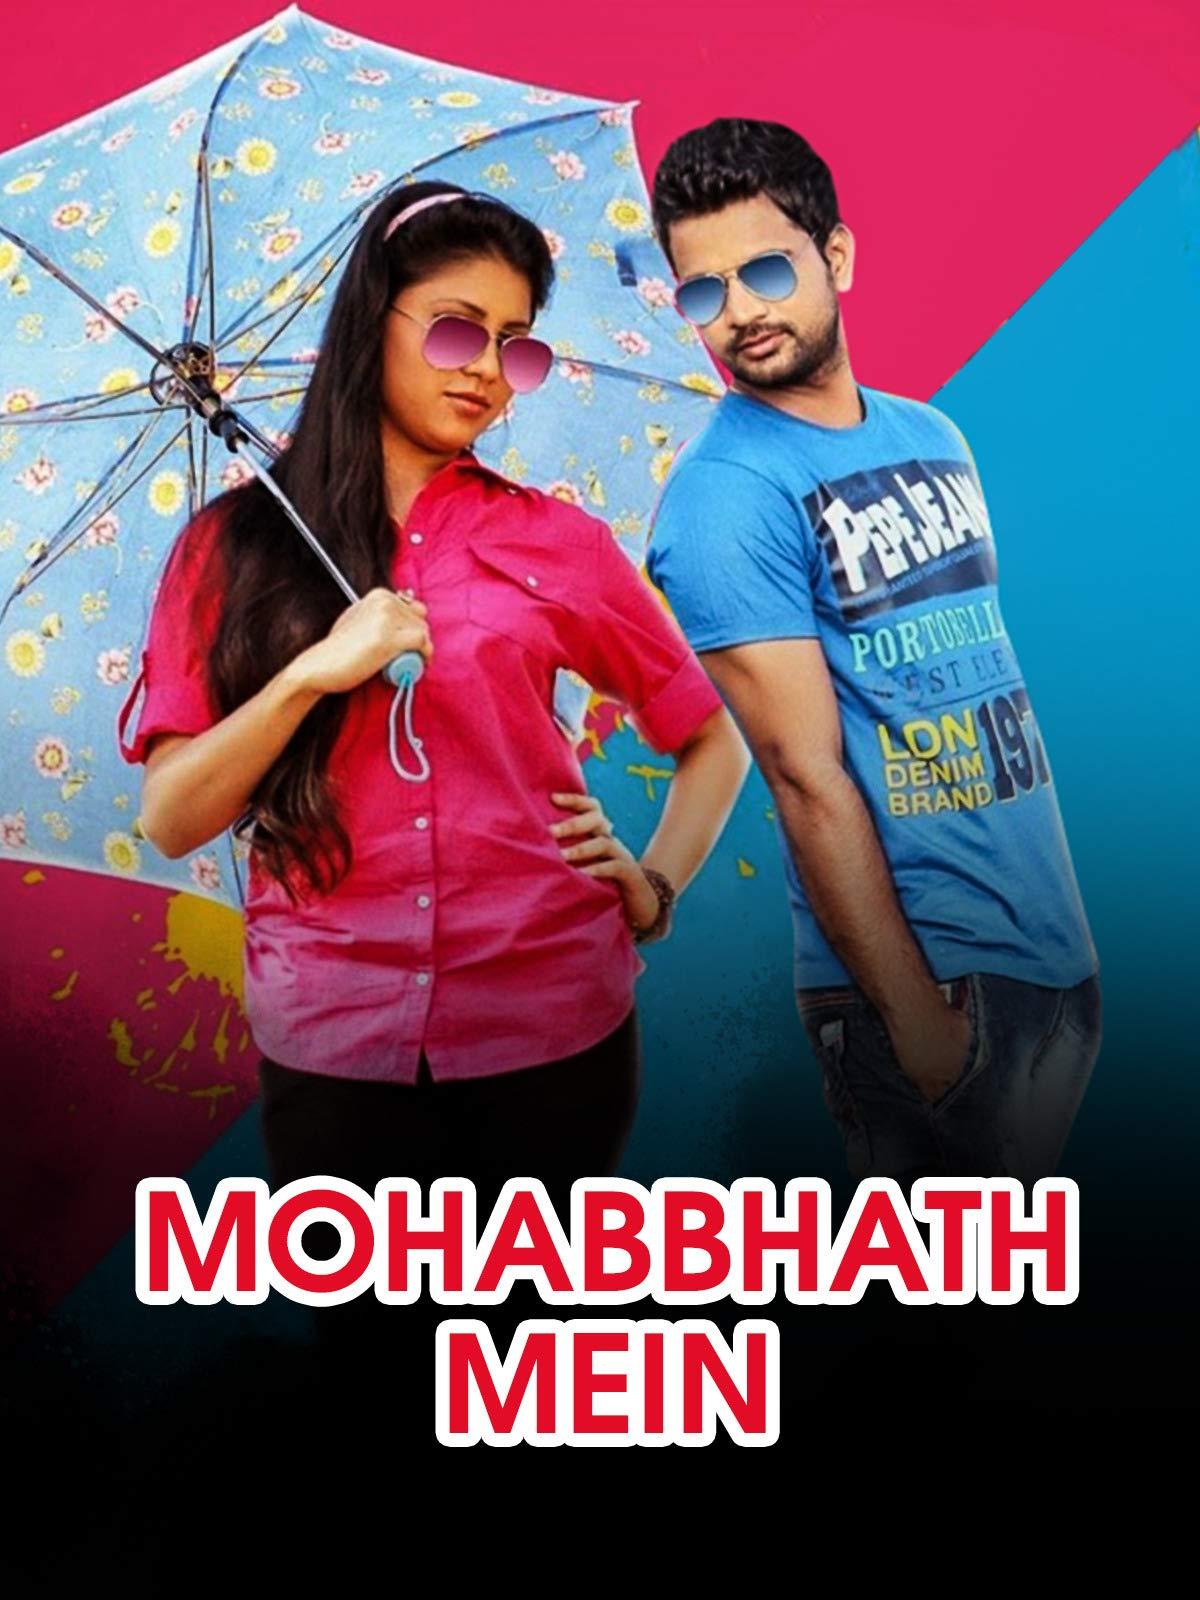 Mohabbhath Mein